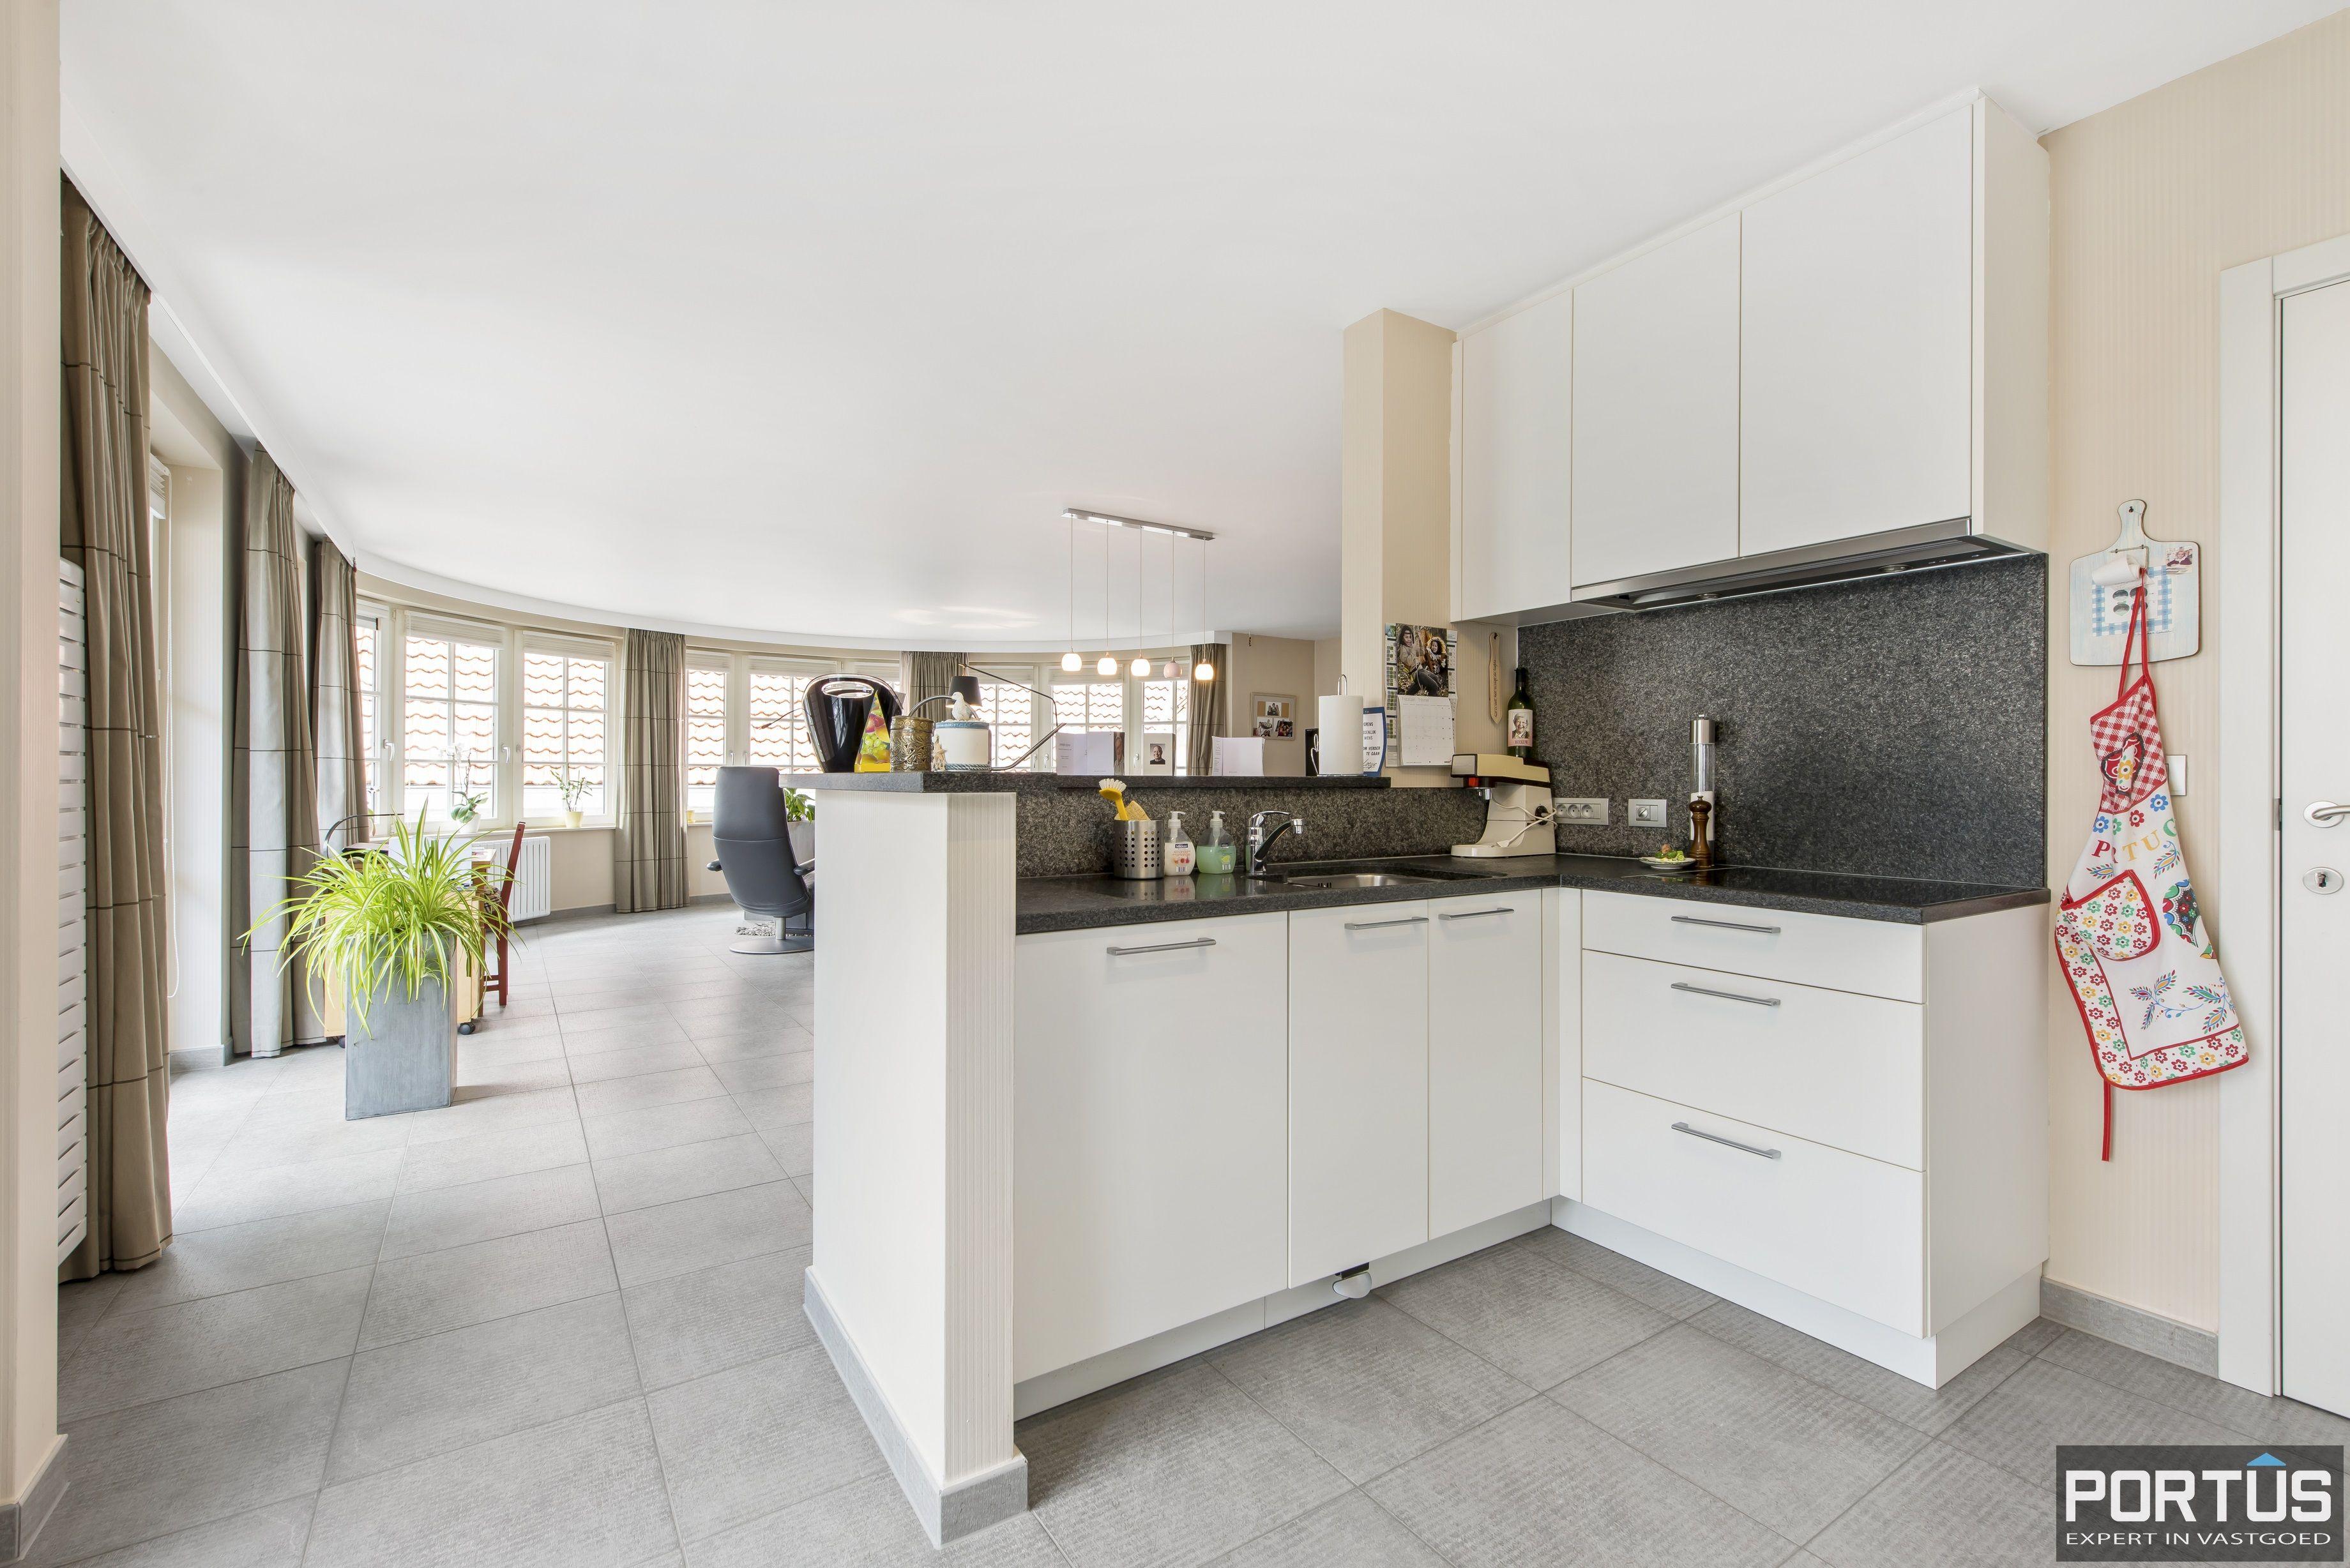 Instapklaar appartement te koop met 2 slaapkamers te Sint-Idesbald - 9408